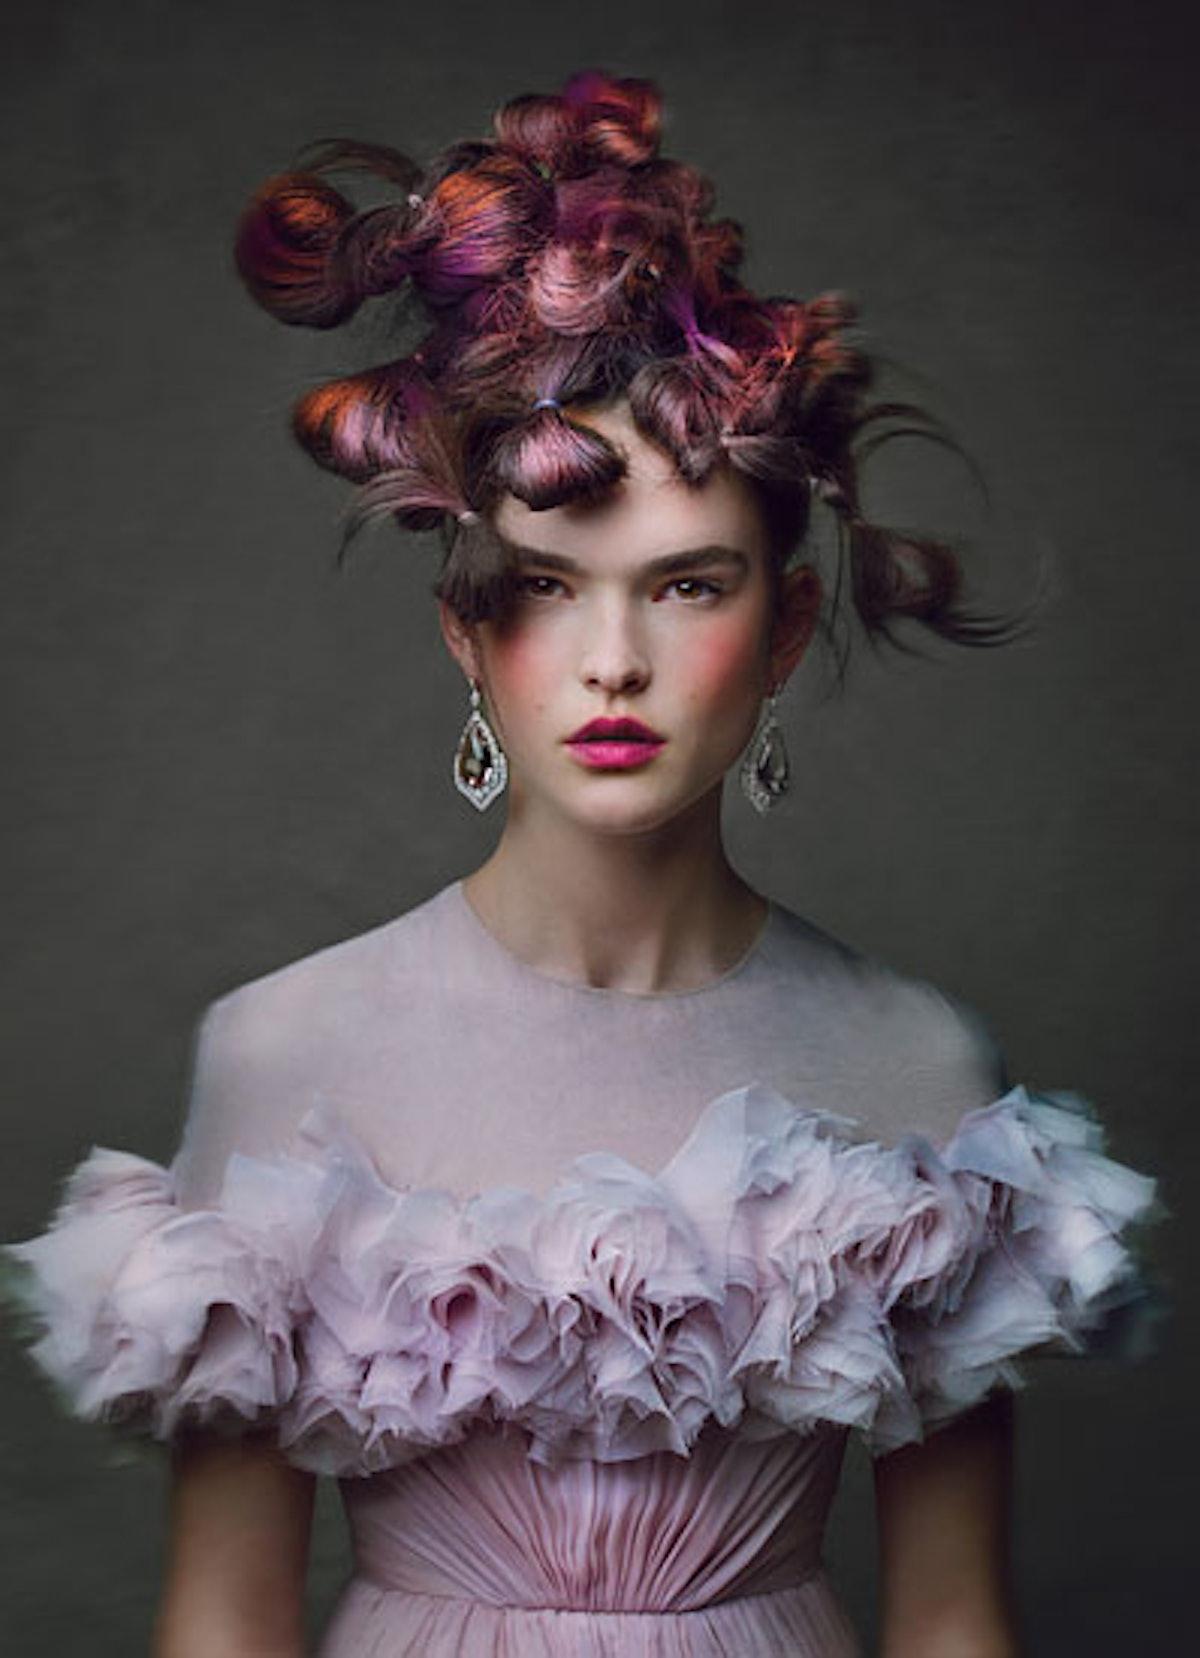 bess-val-garland-makeup-artist-03-v.jpg